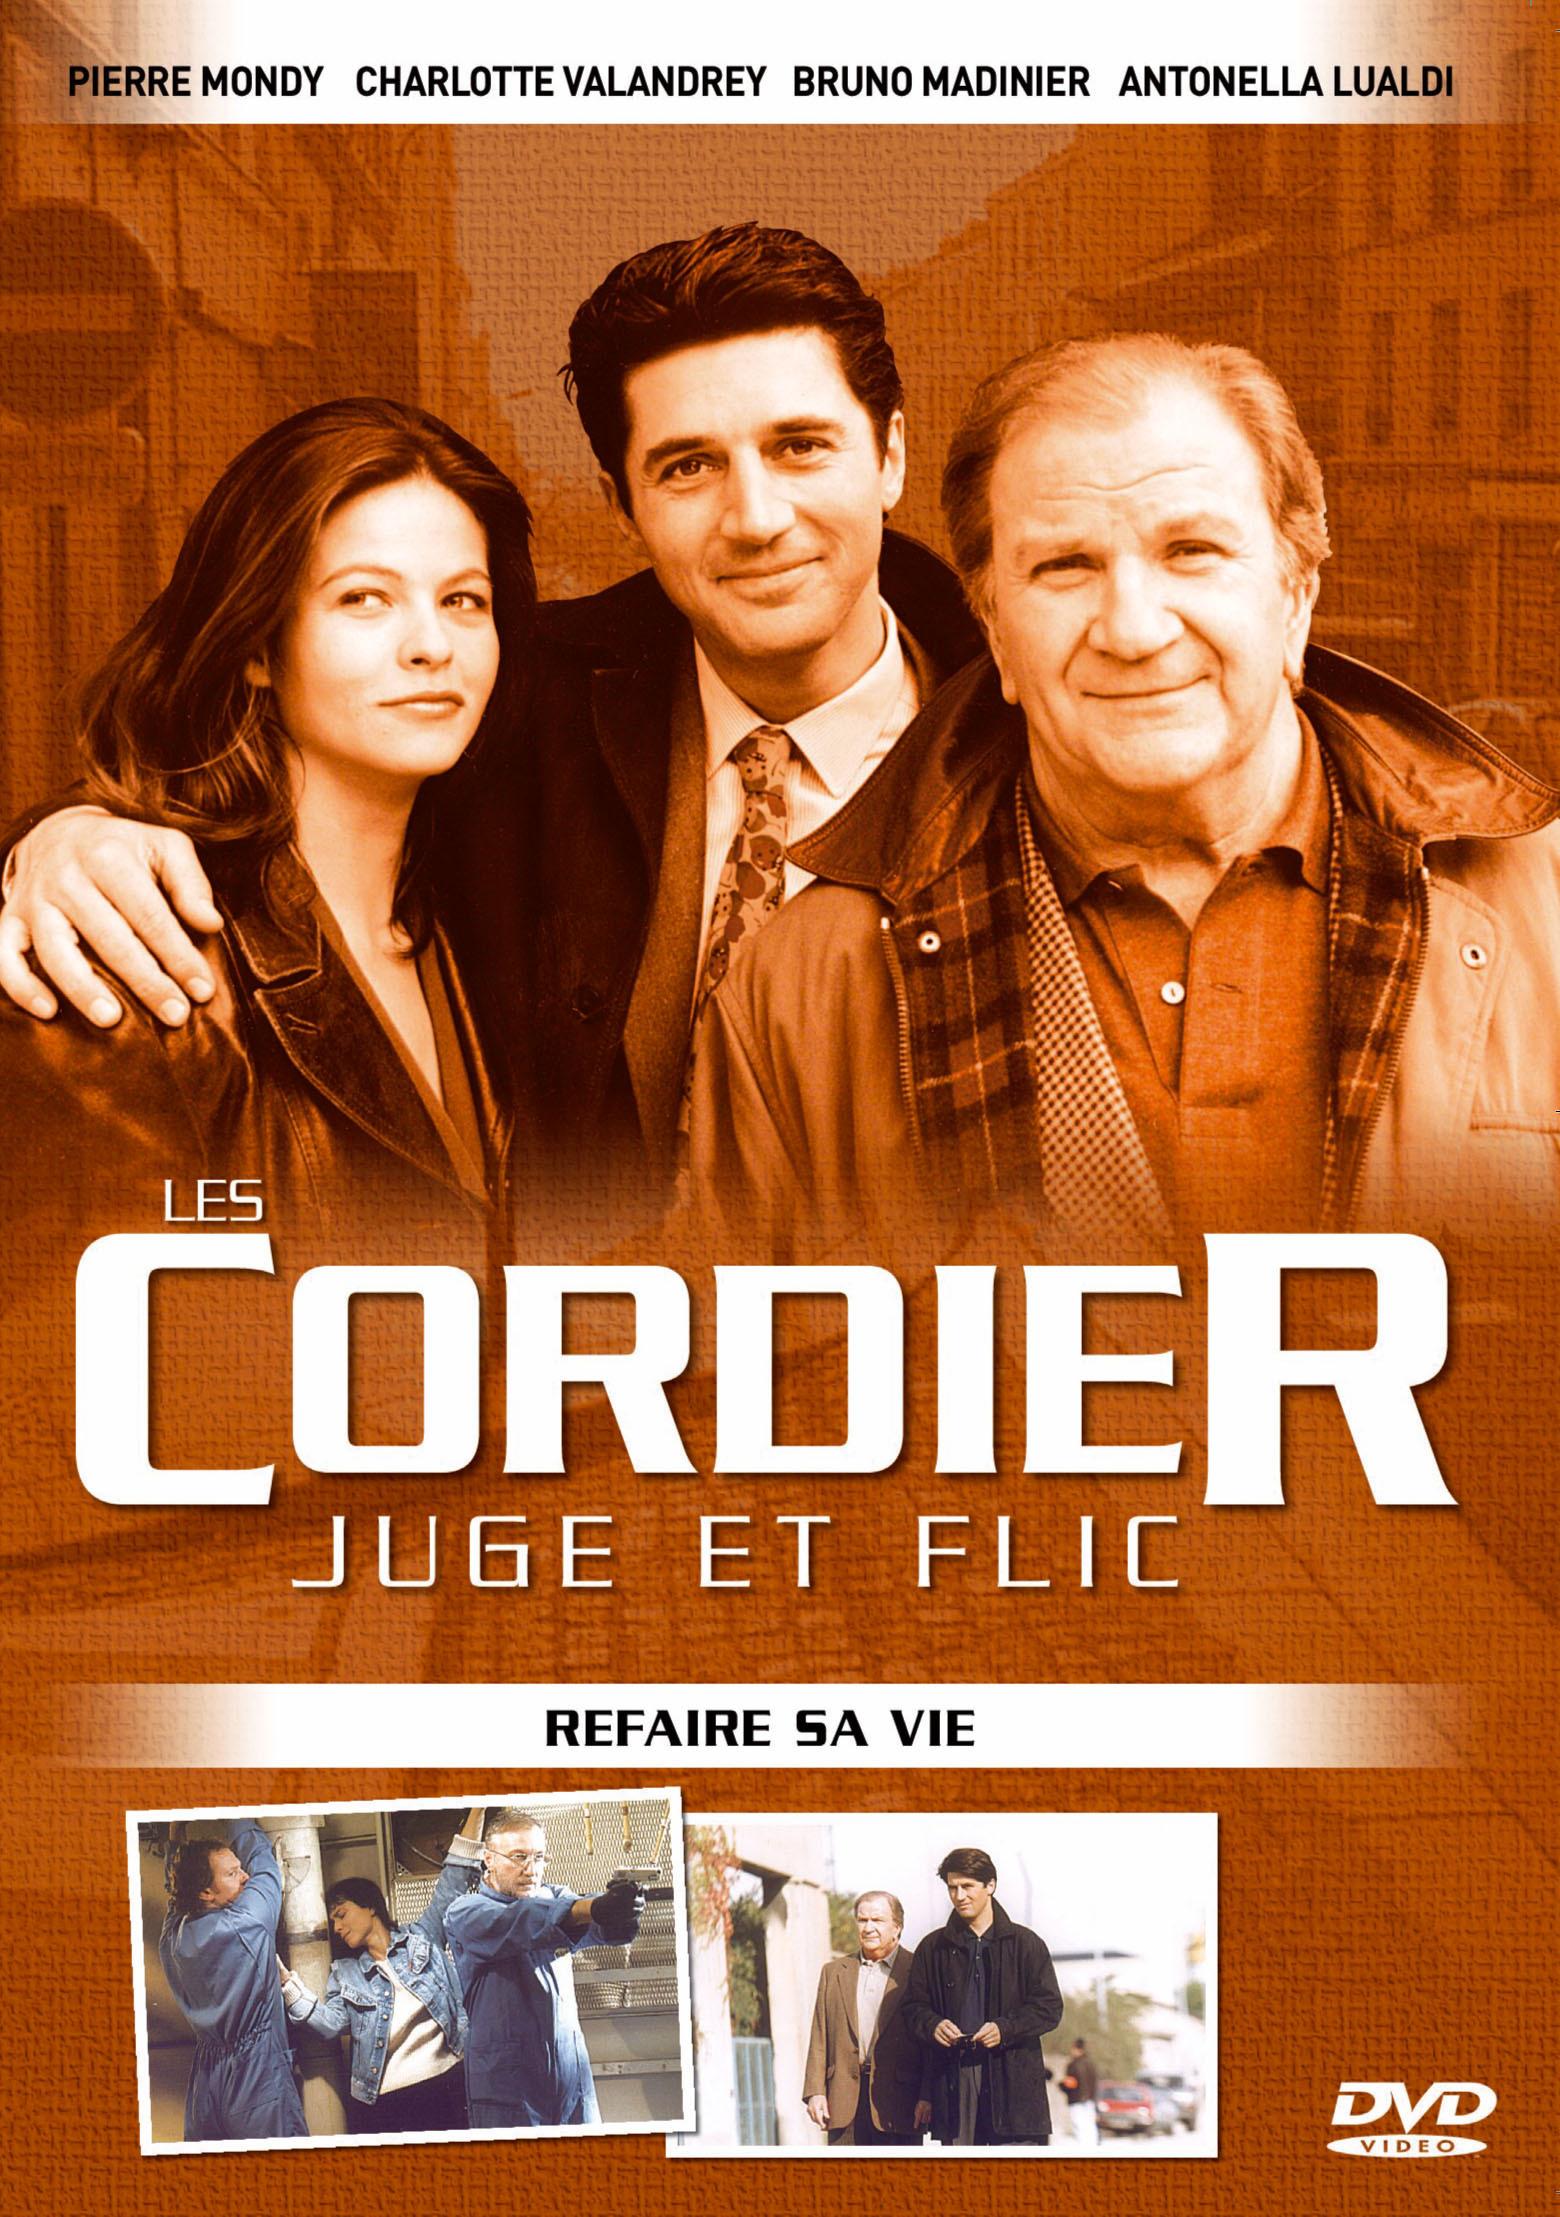 LES CORDIER VOL 14 - DVDREFAIRE SA VIE